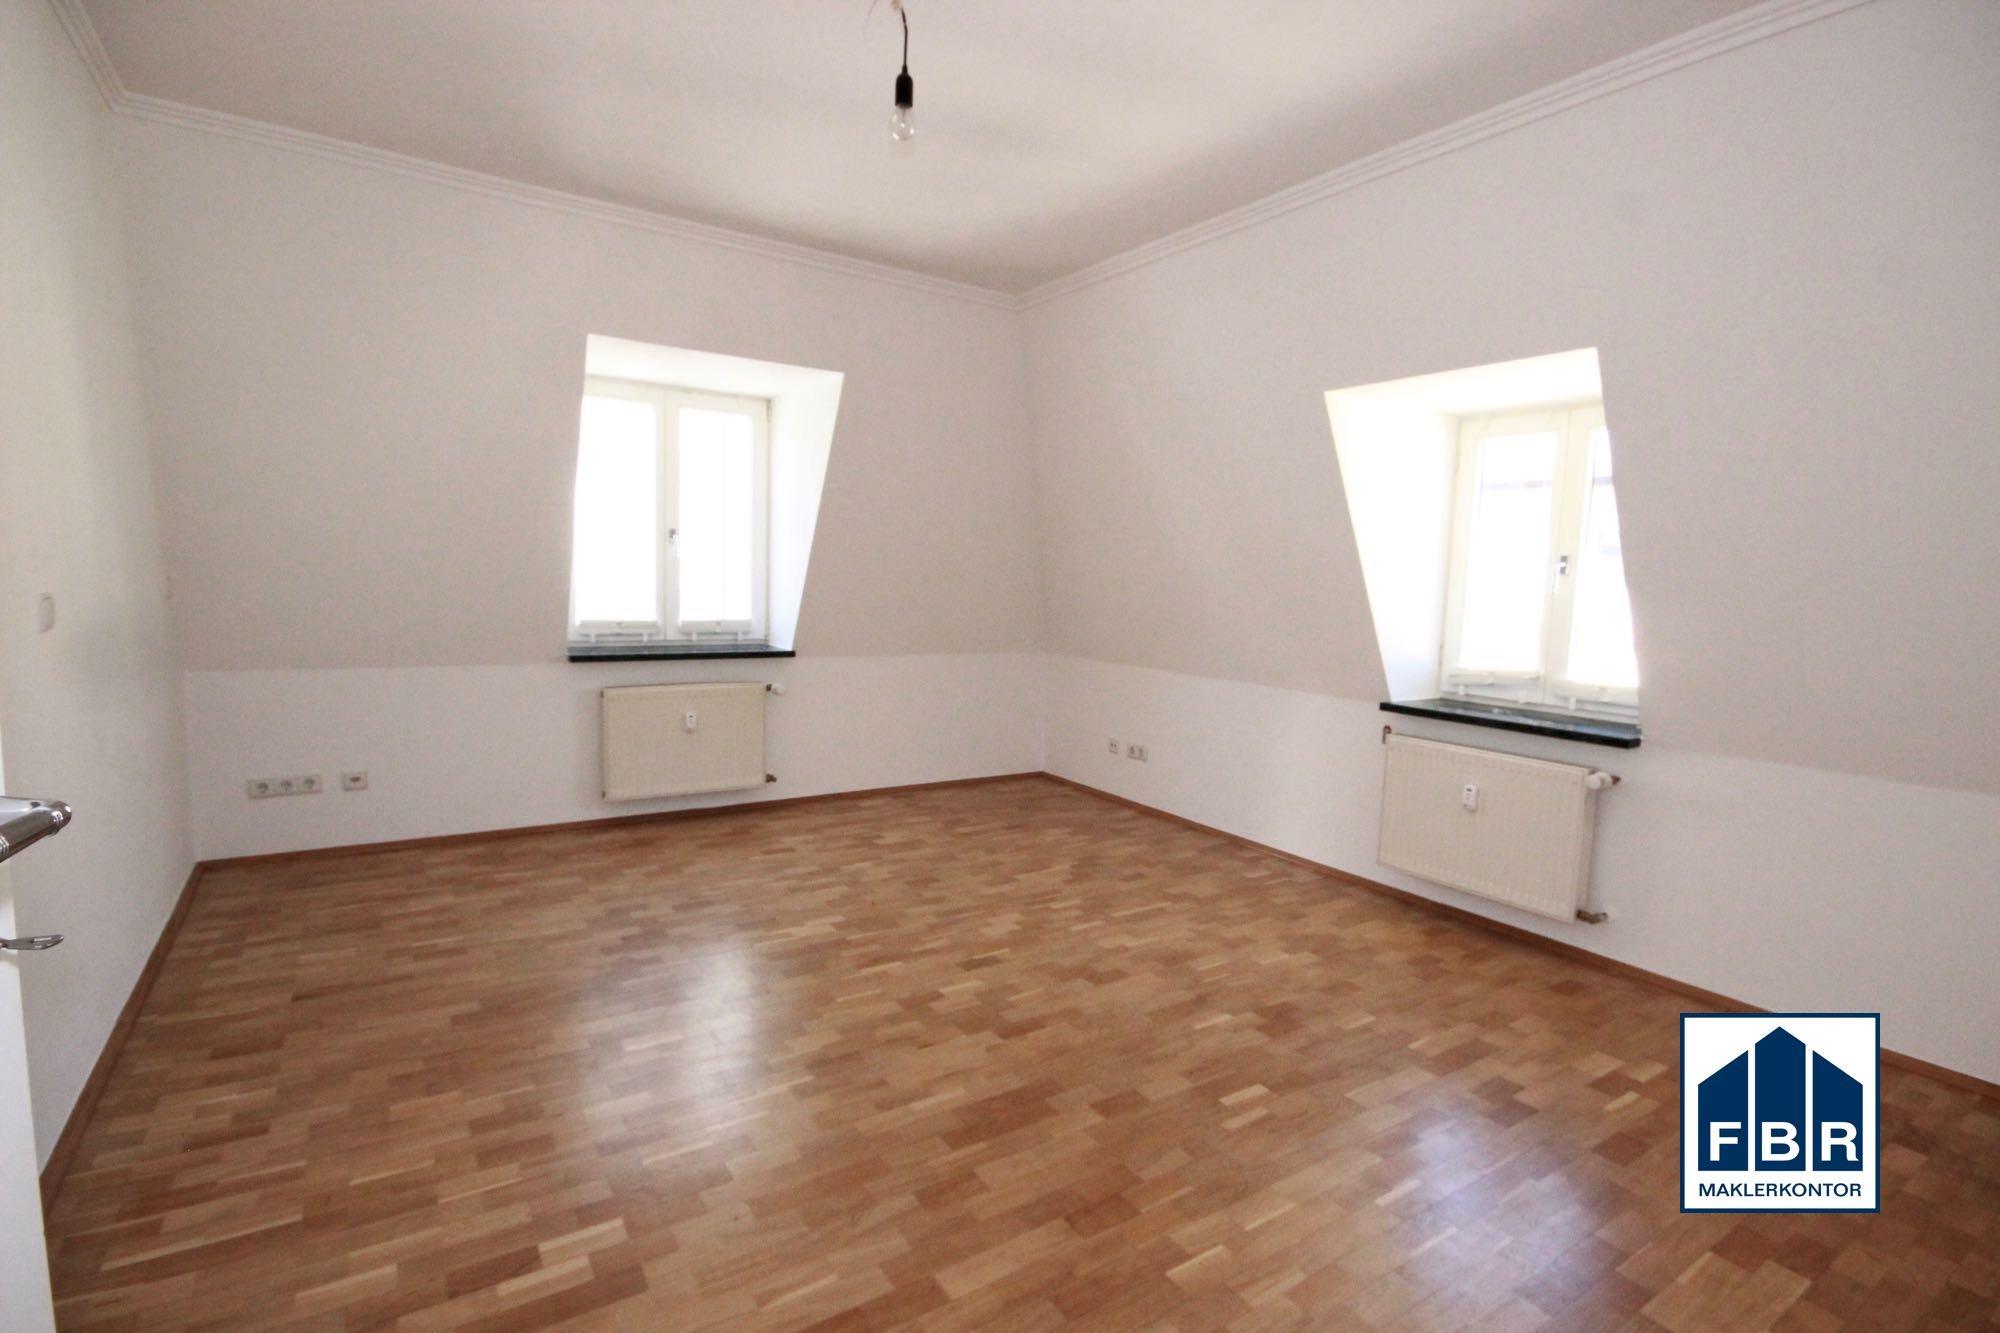 Elternzimmer